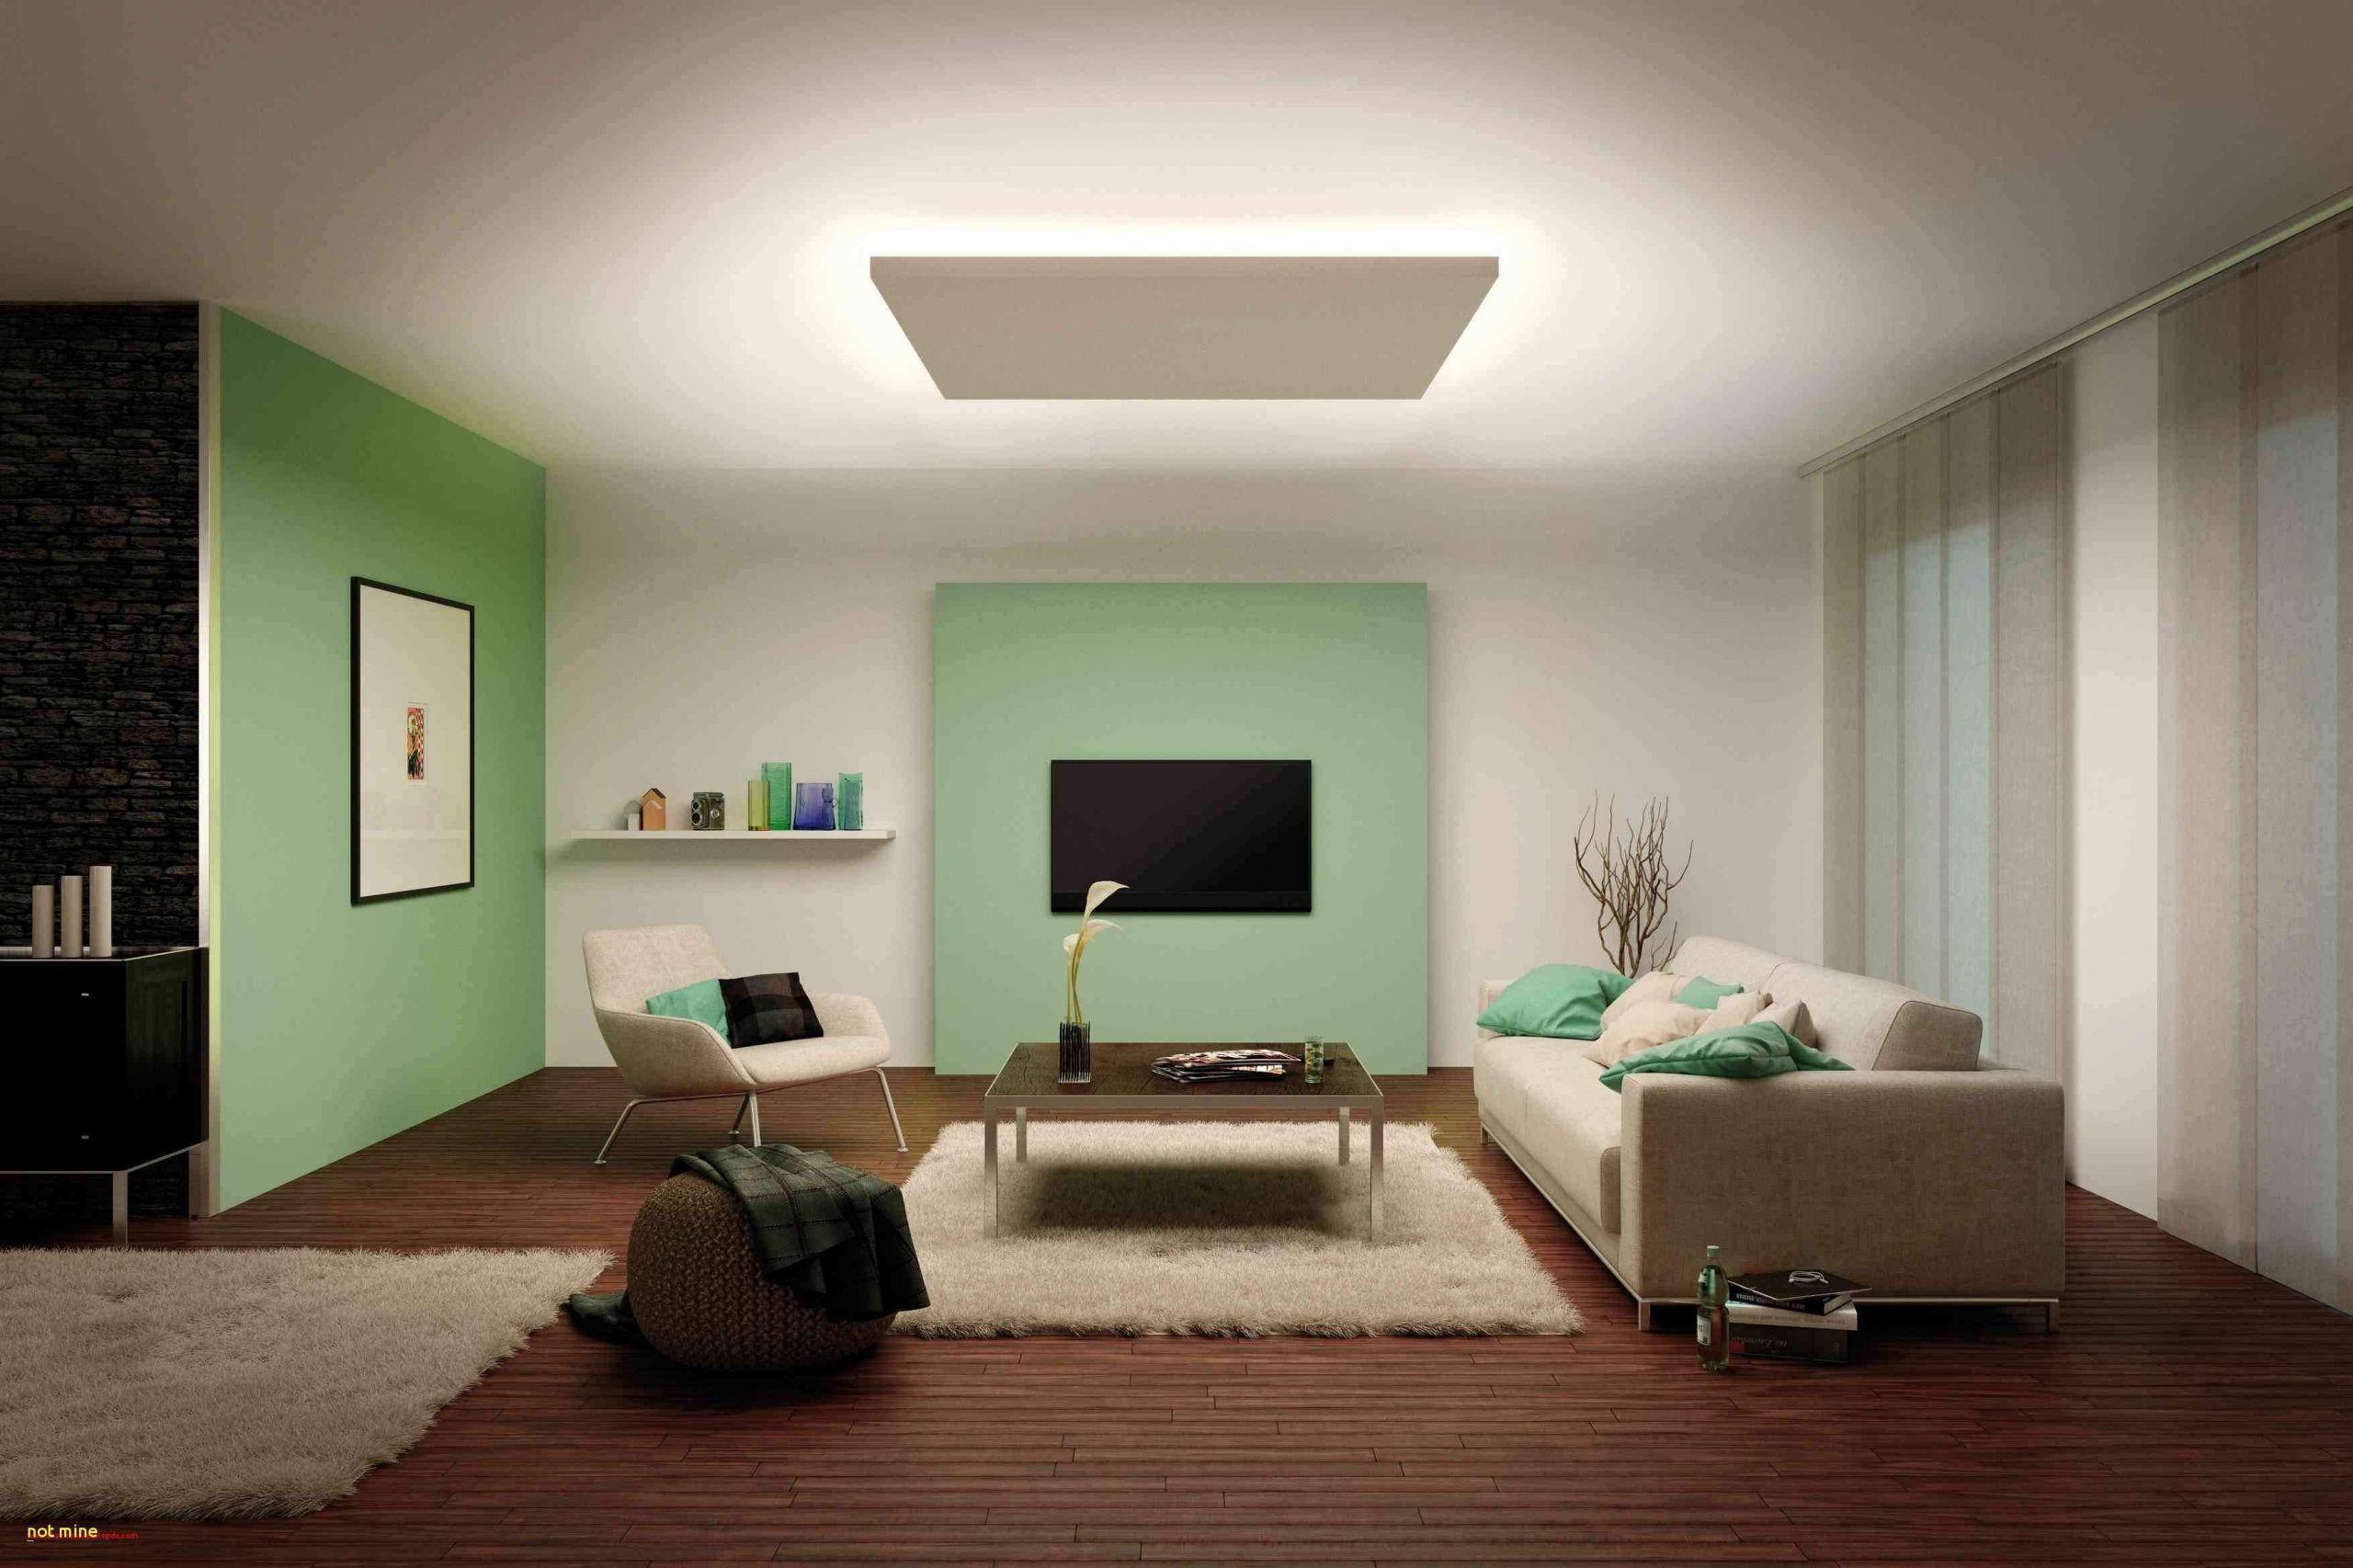 bilder wohnzimmer landhausstil schon wand licht dekoration fresh wohnzimmer licht 0d design ideen of bilder wohnzimmer landhausstil